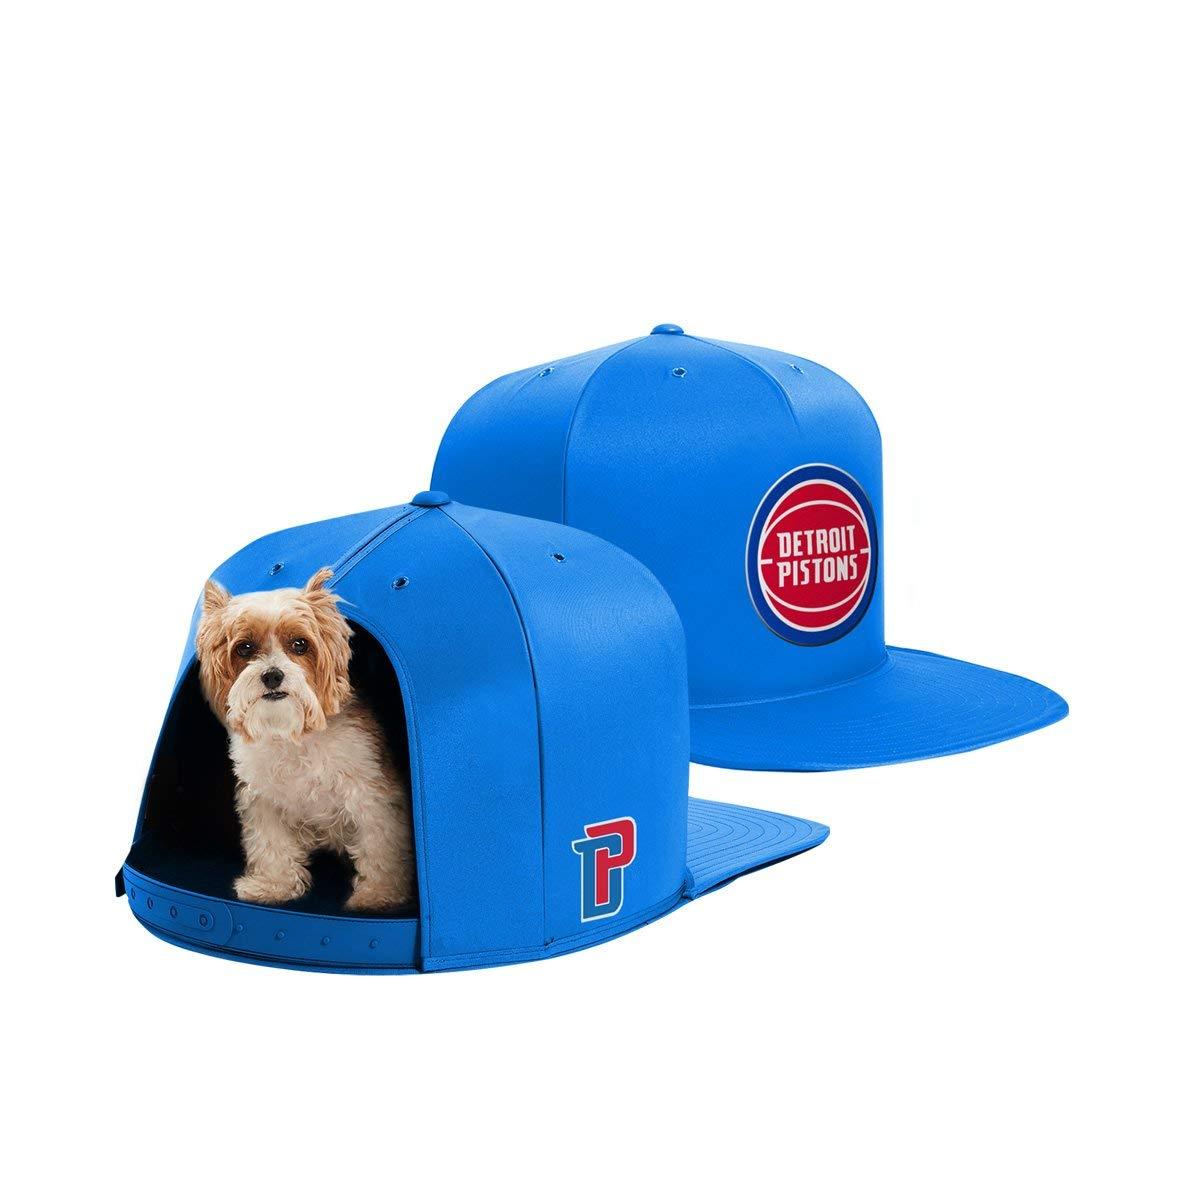 NAP CAP NBA Detroit Pistons Team Indoor Pet Bed, Blue (Small)